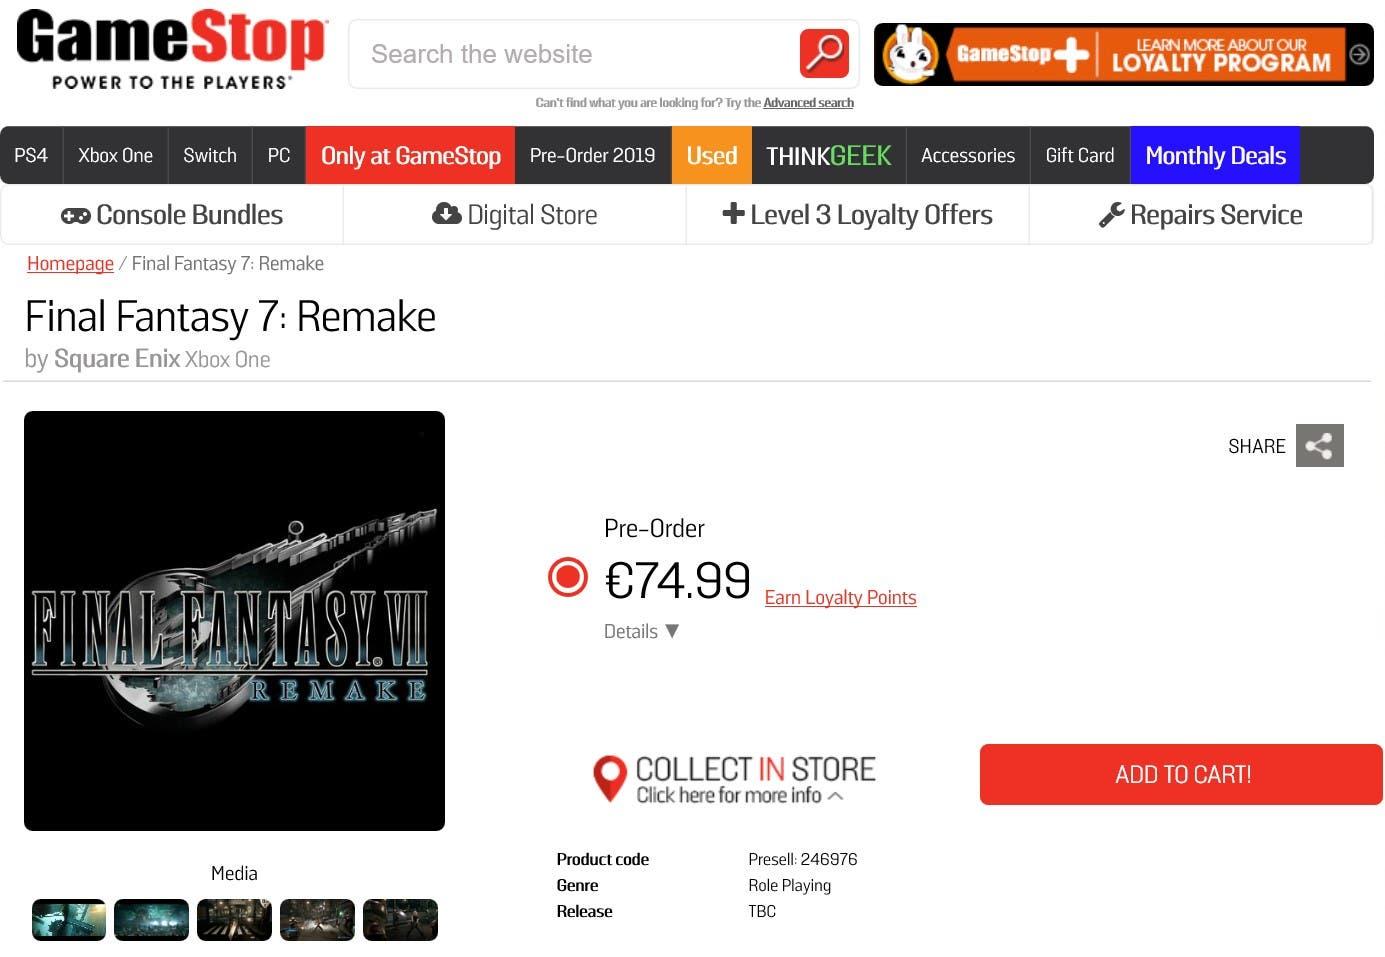 Final Fantasy VII Remake aparece listado para Xbox One en Gamestop 2